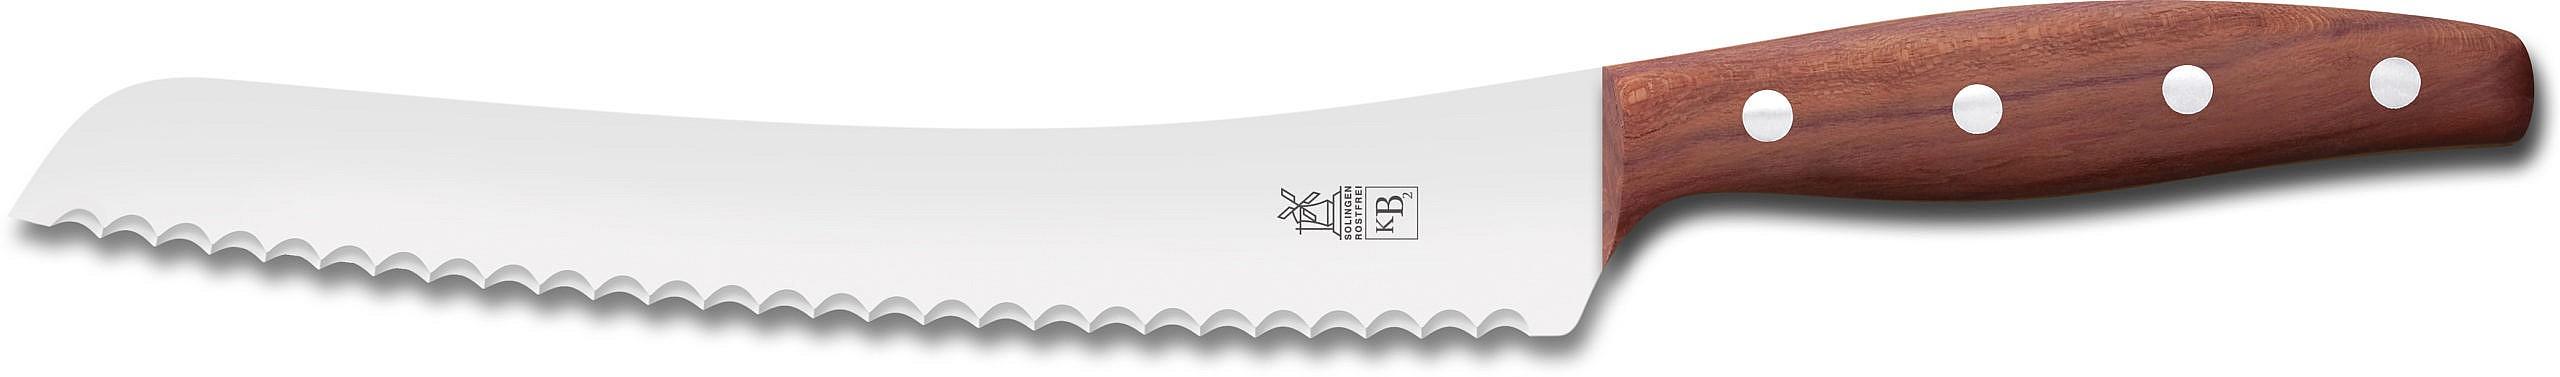 Leivanuga K B2 kööginuga kokanuga